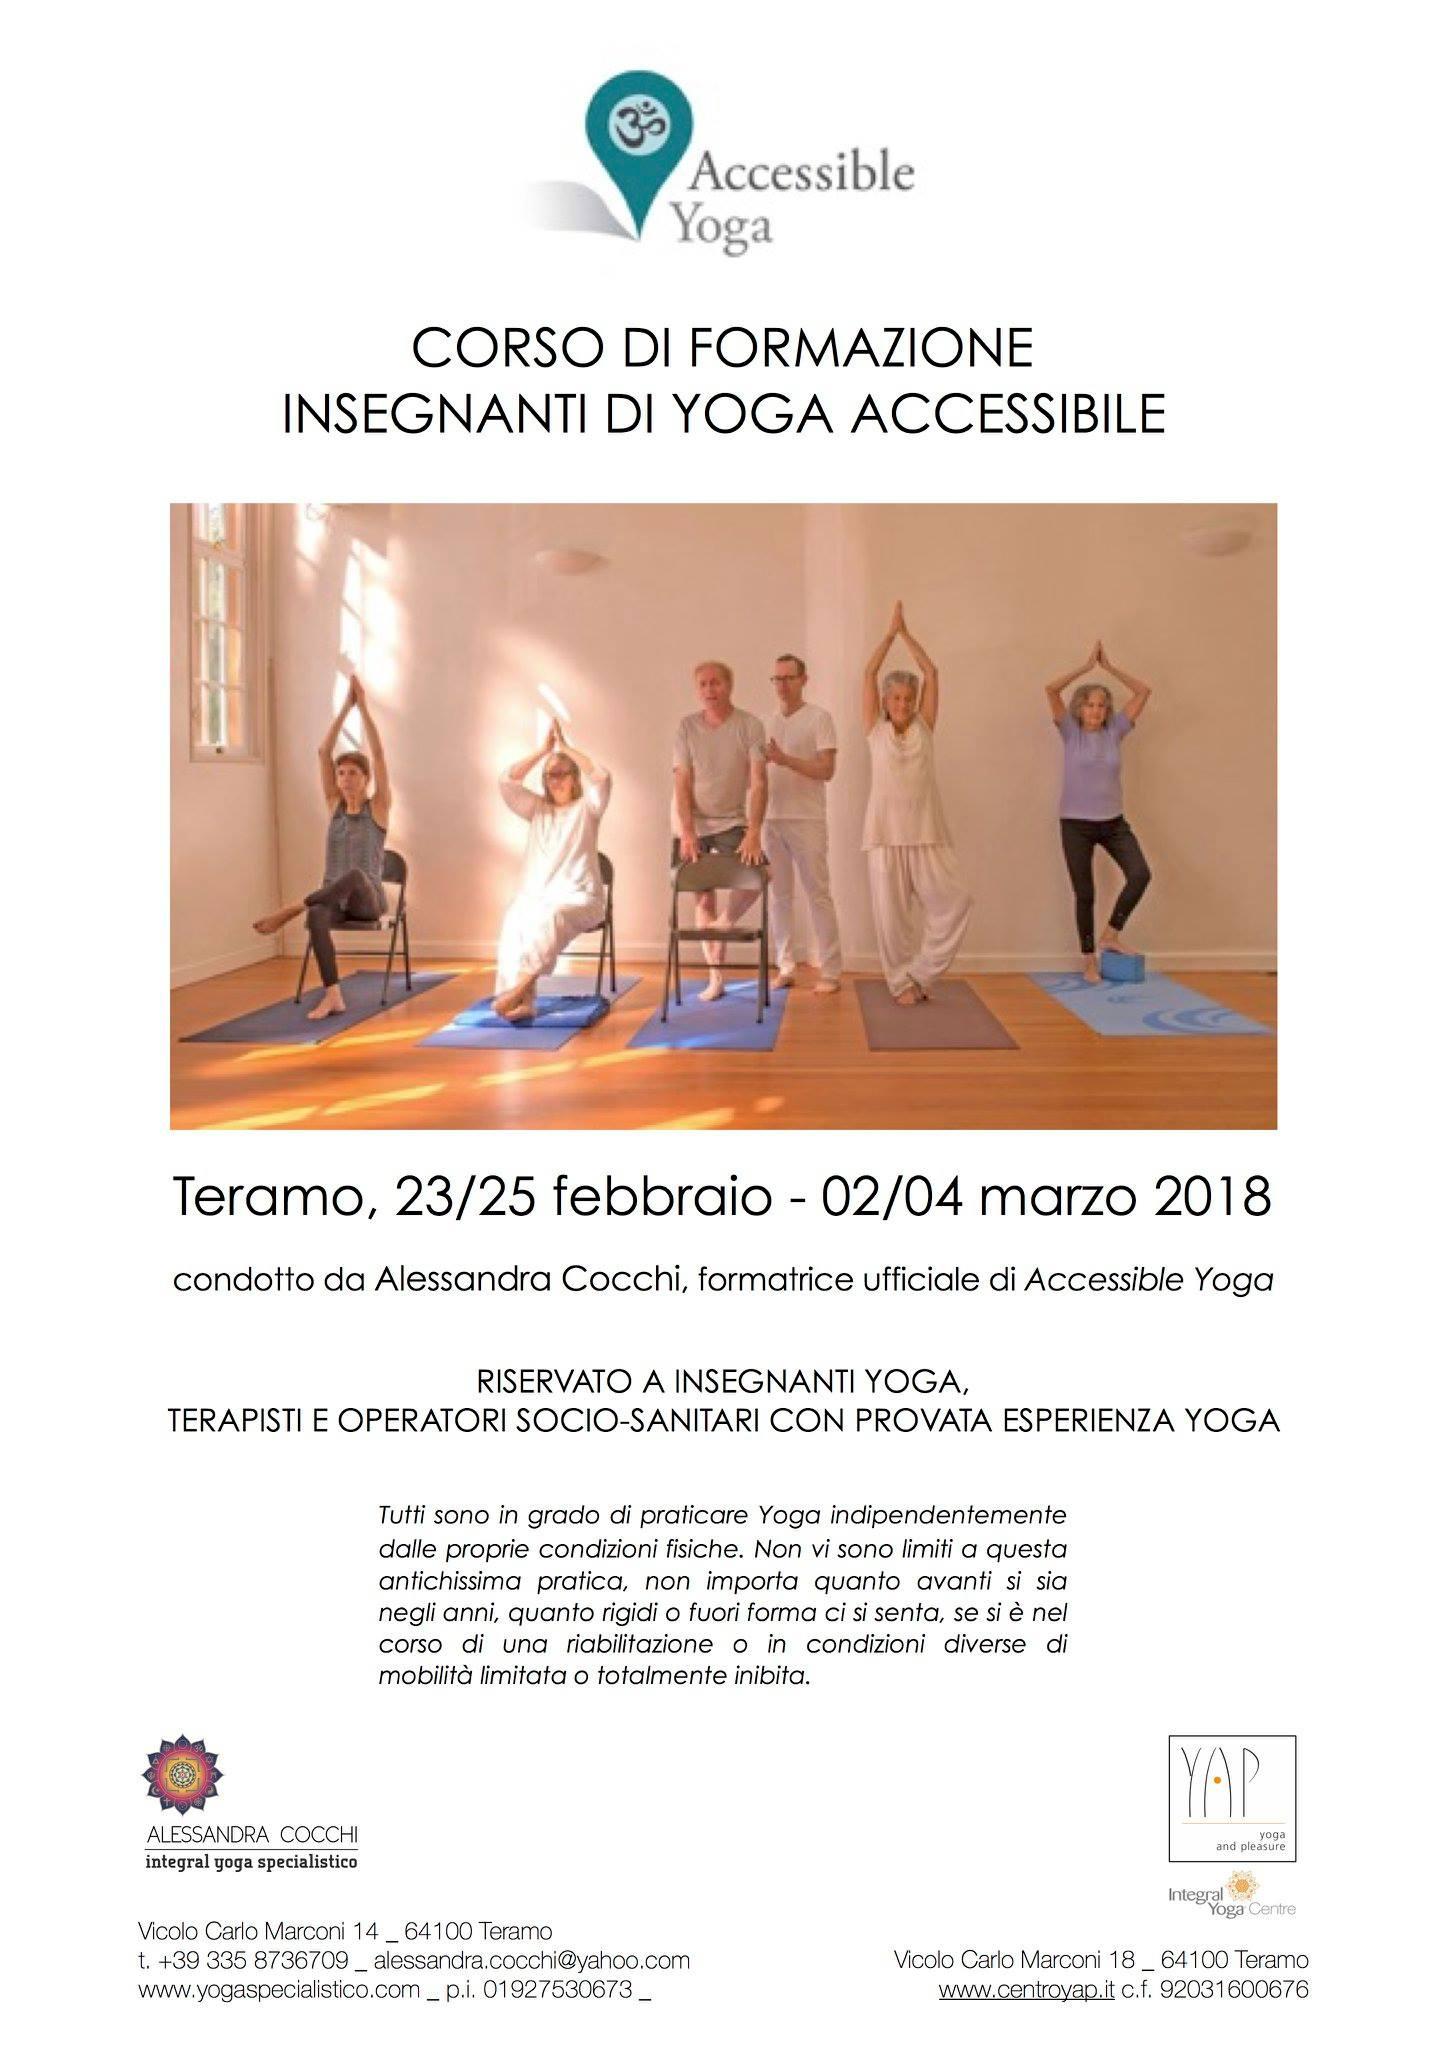 Corso di Formazione in Yoga Accessibile